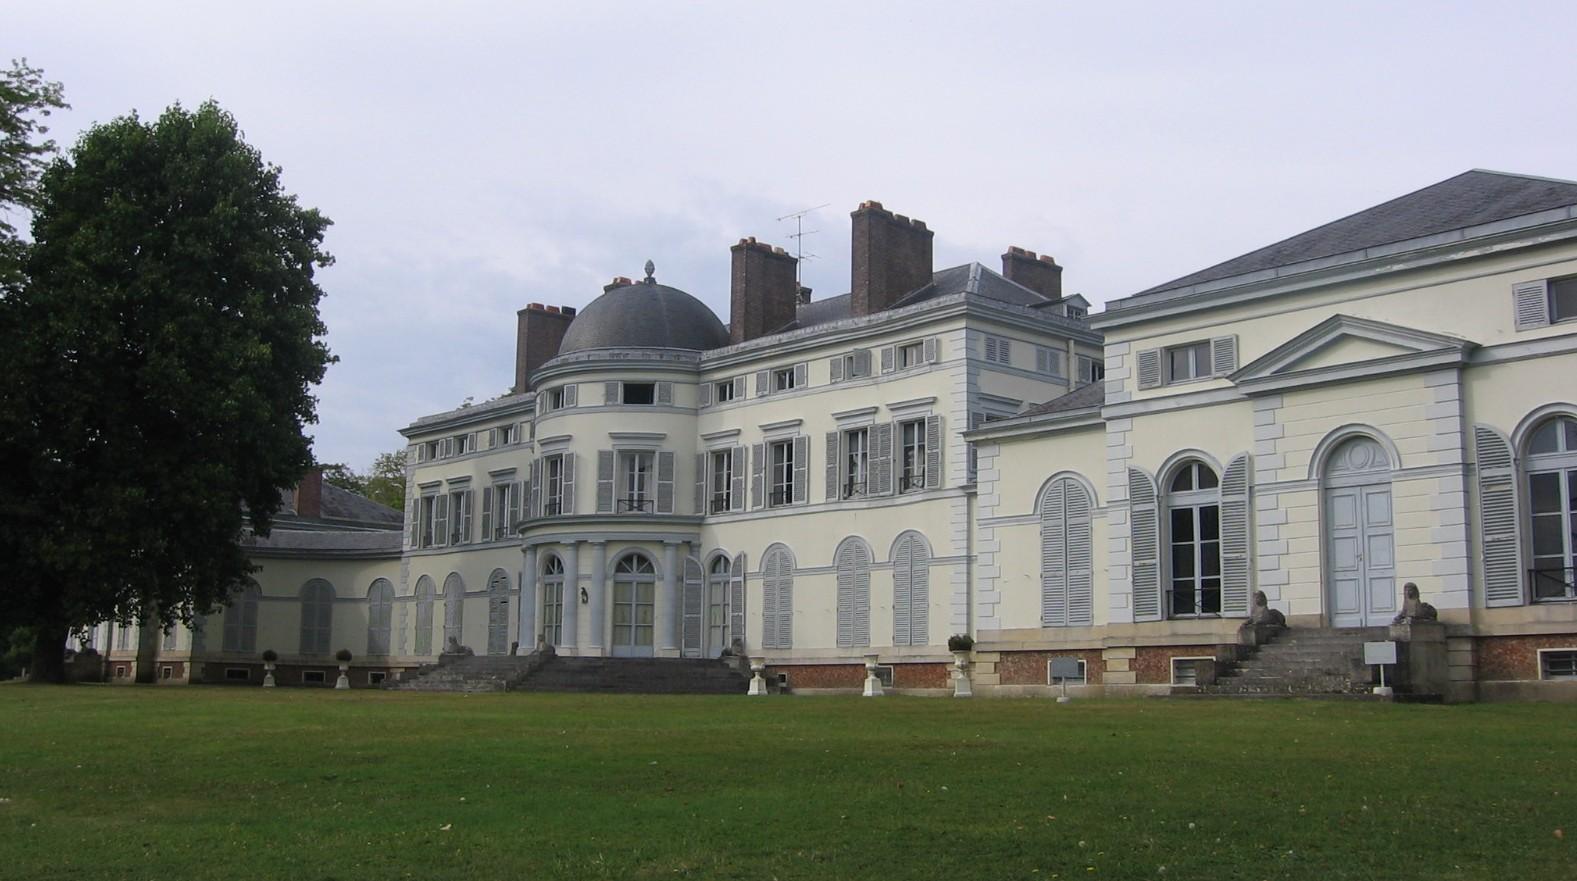 Groussay passionpatchwork blog - Chateau de groussay montfort l amaury ...